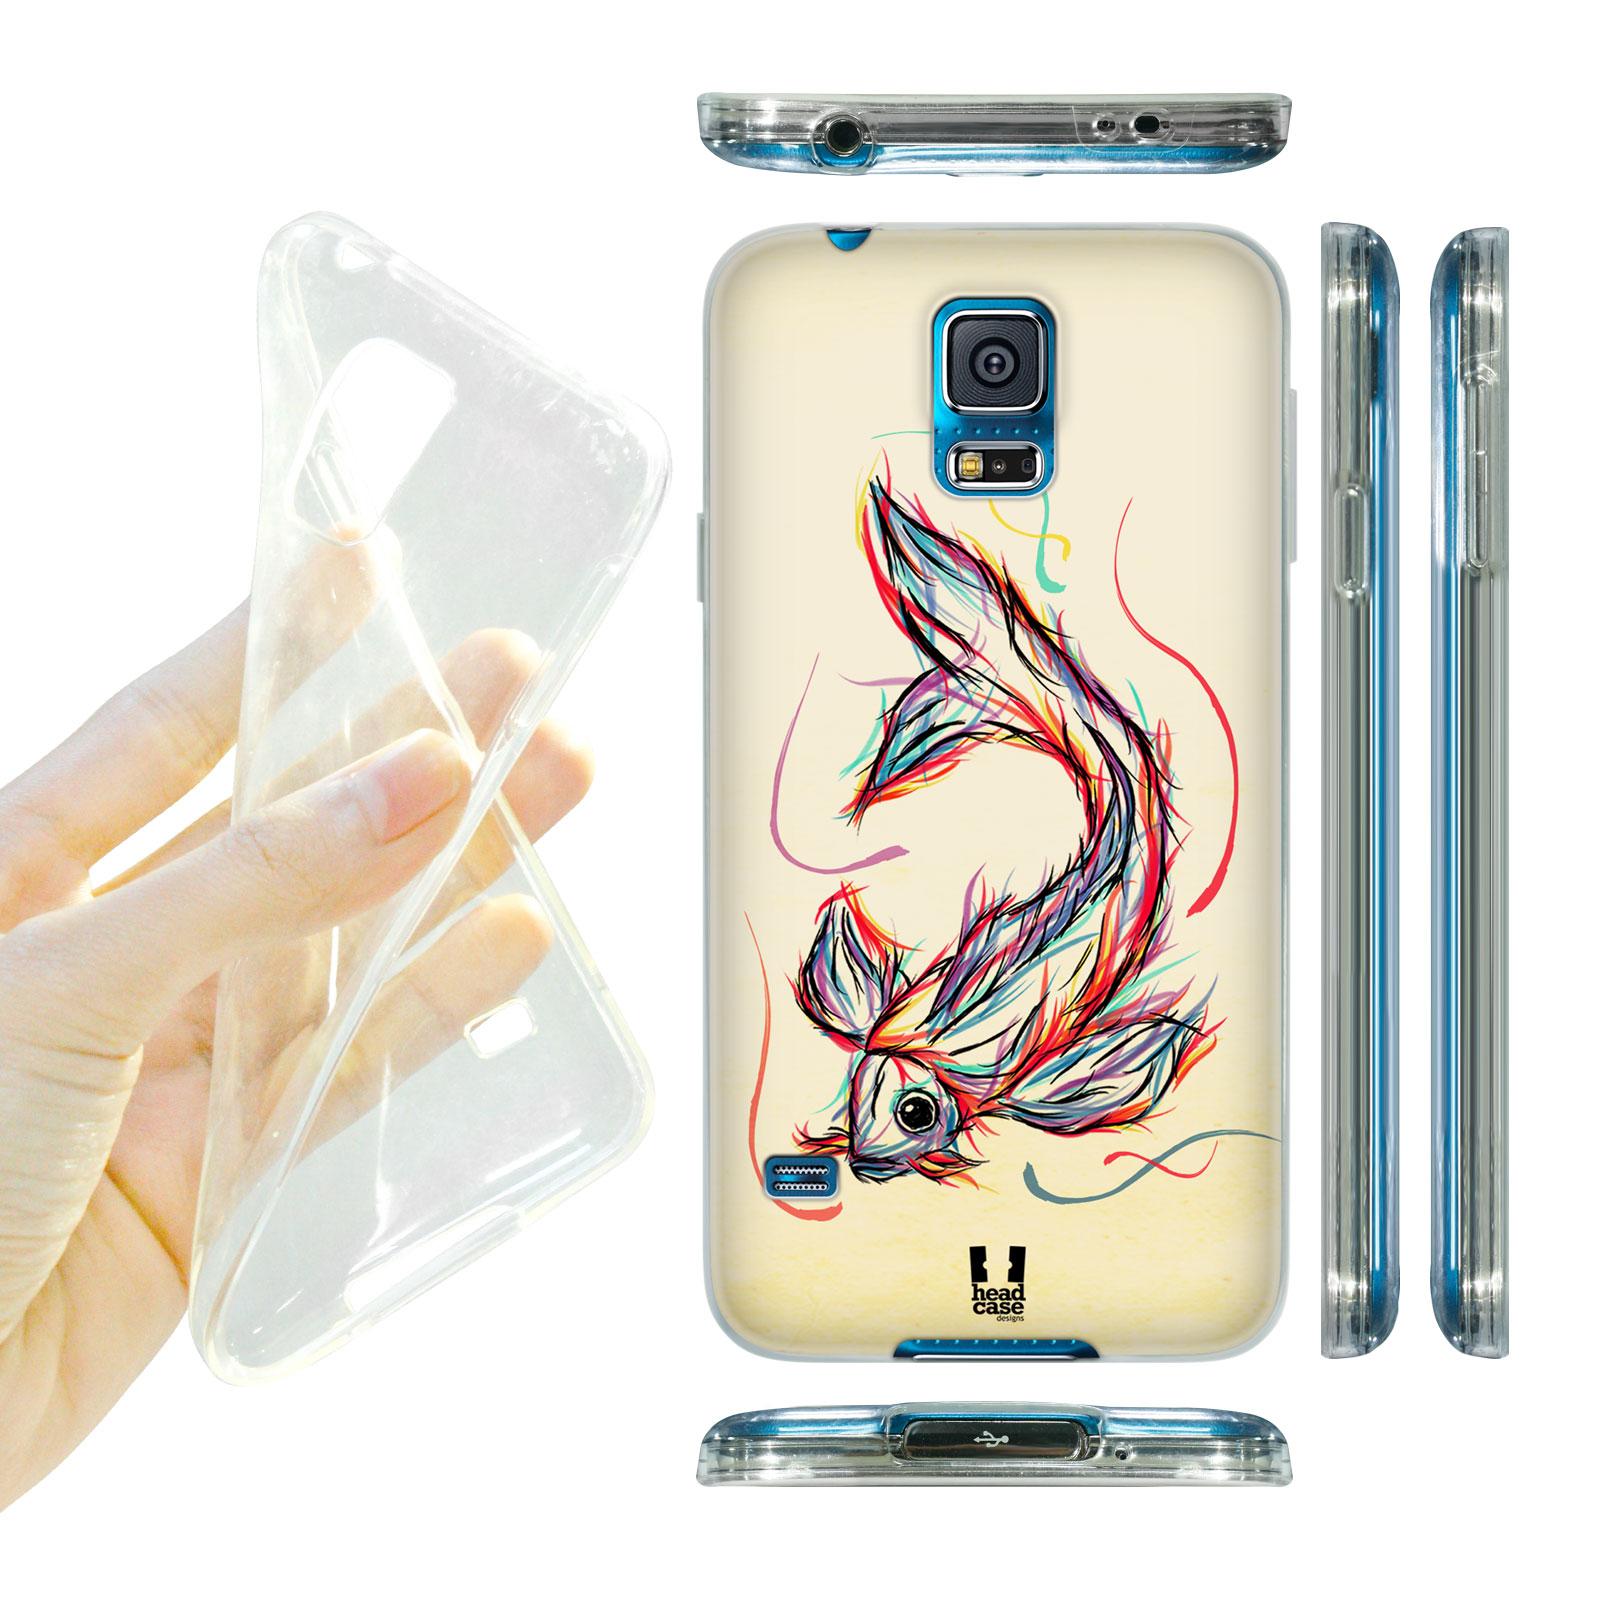 HEAD CASE silikonový obal na mobil Samsung galaxy S5 barevná kresba rybka